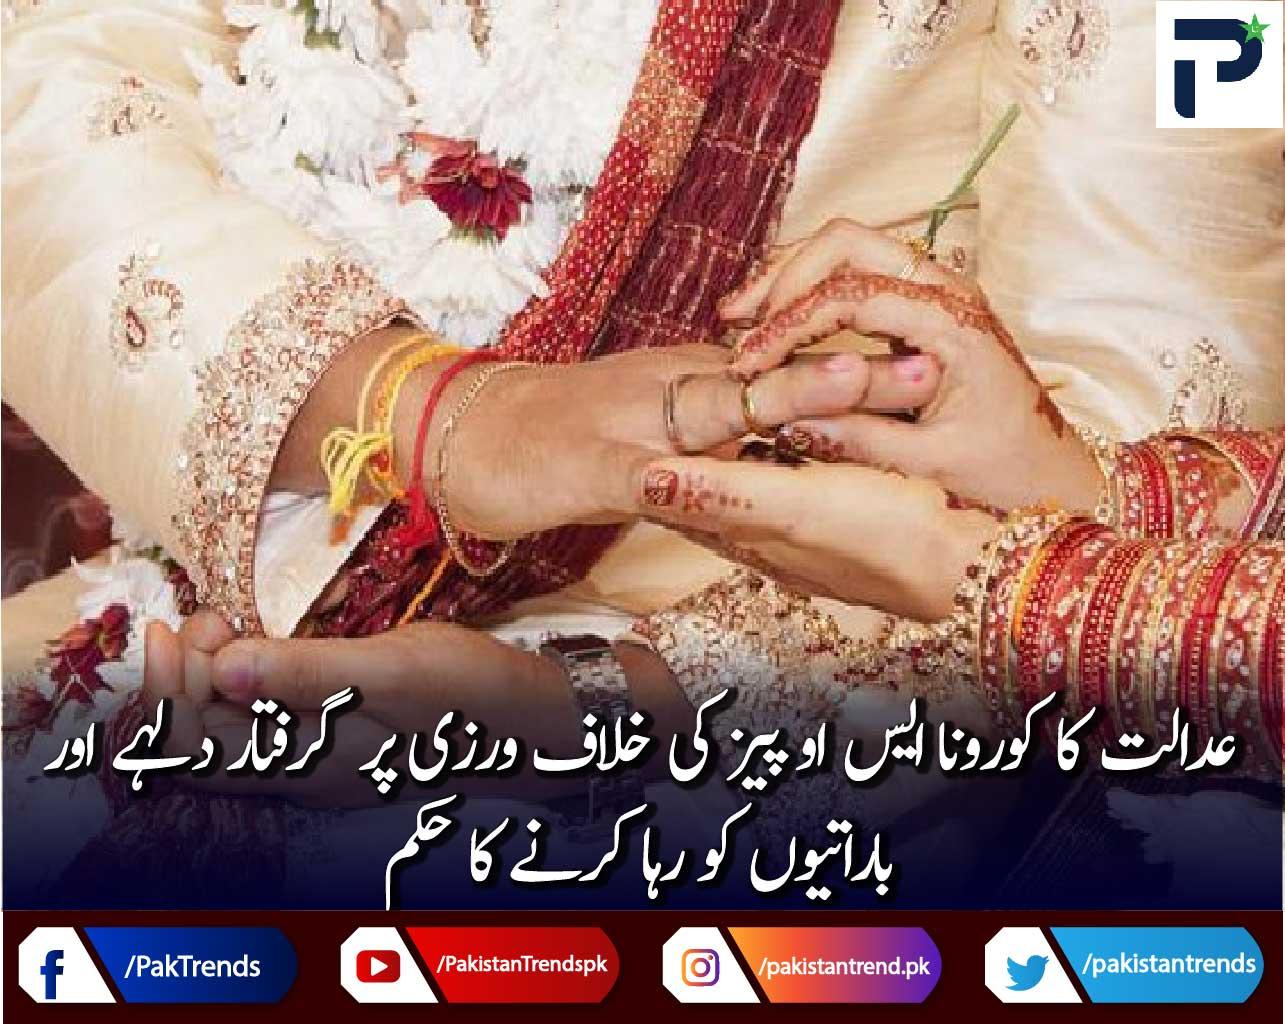 یہ کیسی شادی ہے؟؟ جوتاریخ کا حصہ بنےگی۔